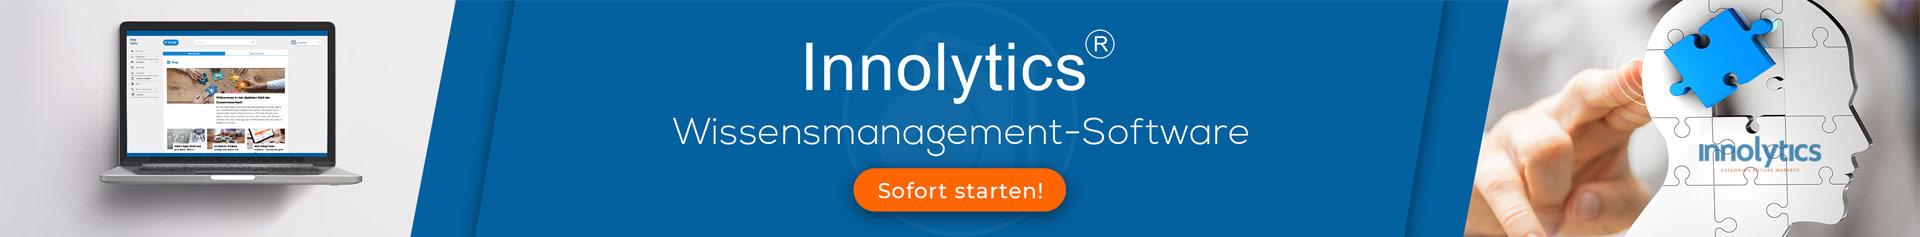 Die Abbildung zeigt Software für die Umsetzung von Wissensmanagement im Unternehmen